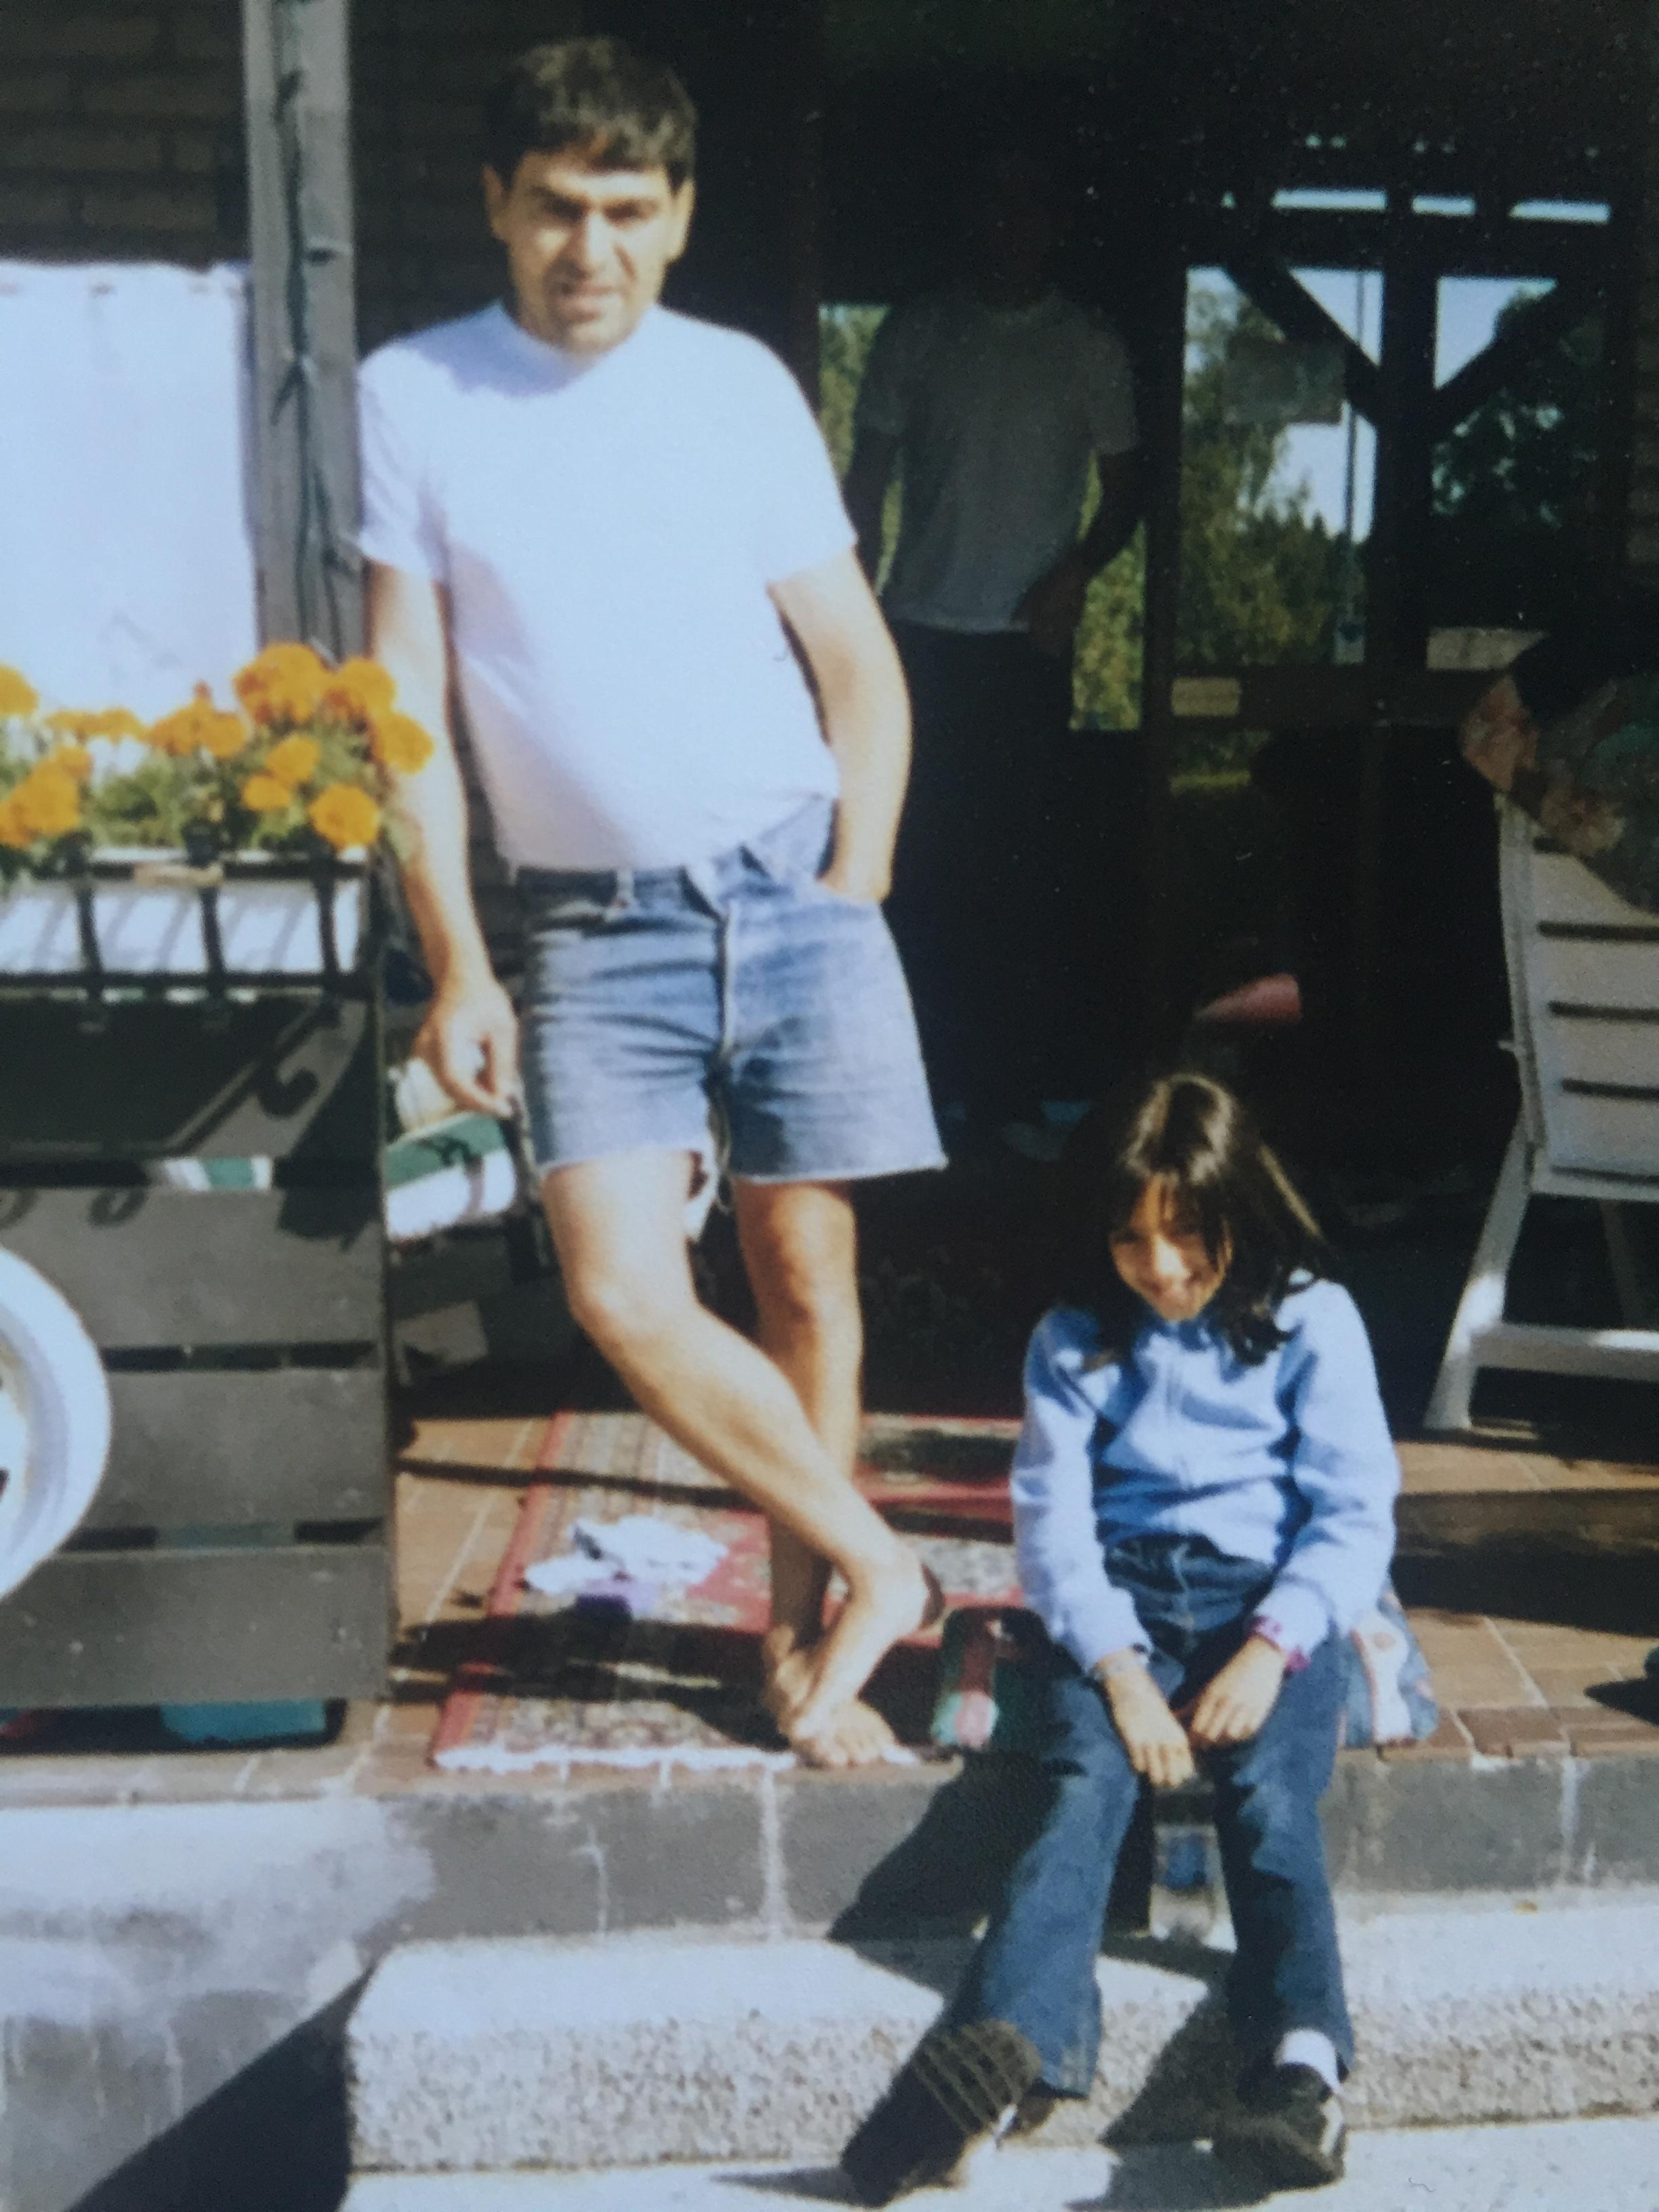 Här är jag och farsan (och peruken) då jag precis hade påbörjat cellgiftsbehandlingen. Jag hade ett leende på läpparna så ofta som möjligt.